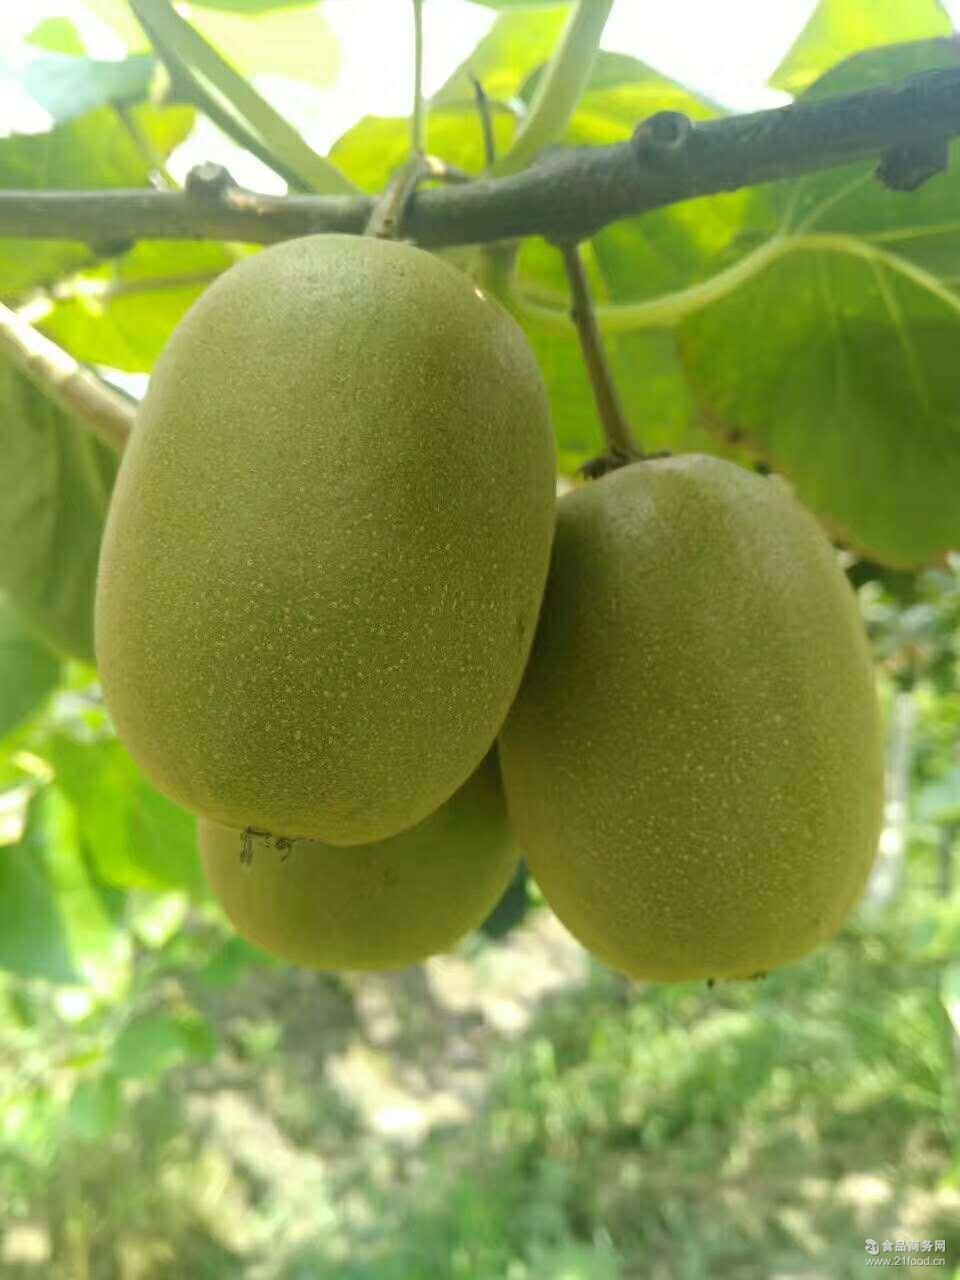 新鲜水果红阳奇异果蒲江红心猕猴桃12个中果香甜爽口单果70-90g